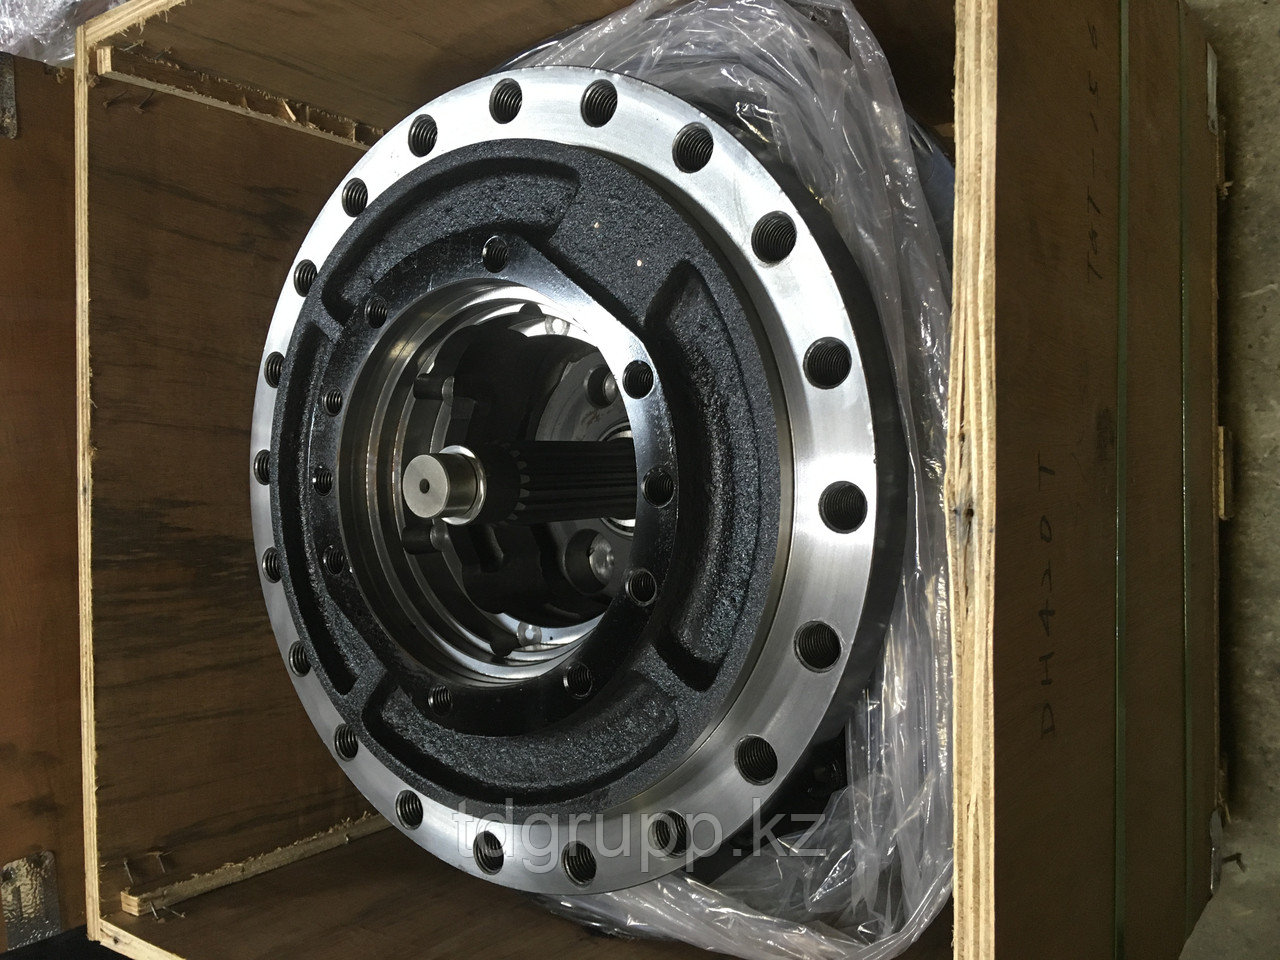 2401-6357 Редуктор хода (без гидромотора) Doosan S420LC-V